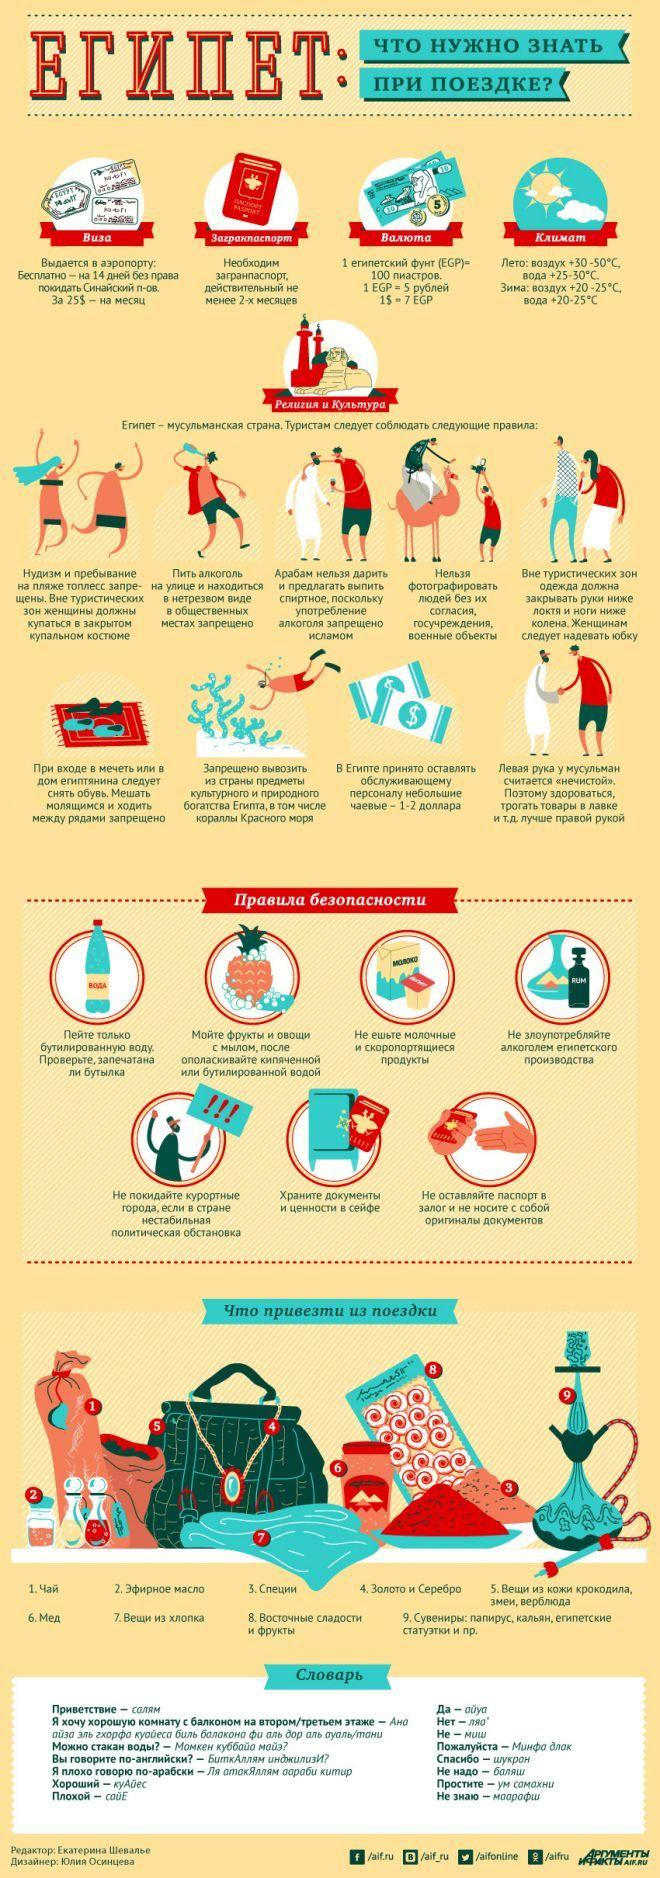 Что нужно знать, отправляясь в Египет? Инфографика | Инфографика | Вопрос-Ответ | Аргументы и Факты_http://www.aif.ru/dontknows/infographics/chto_nuzhno_znat_otpravlyayas_v_egipet_infografika